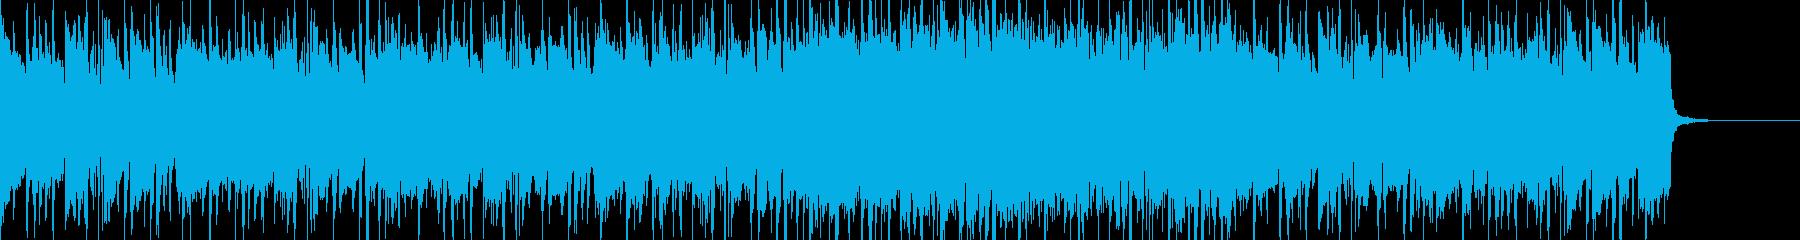 ハードロック系のリフの再生済みの波形